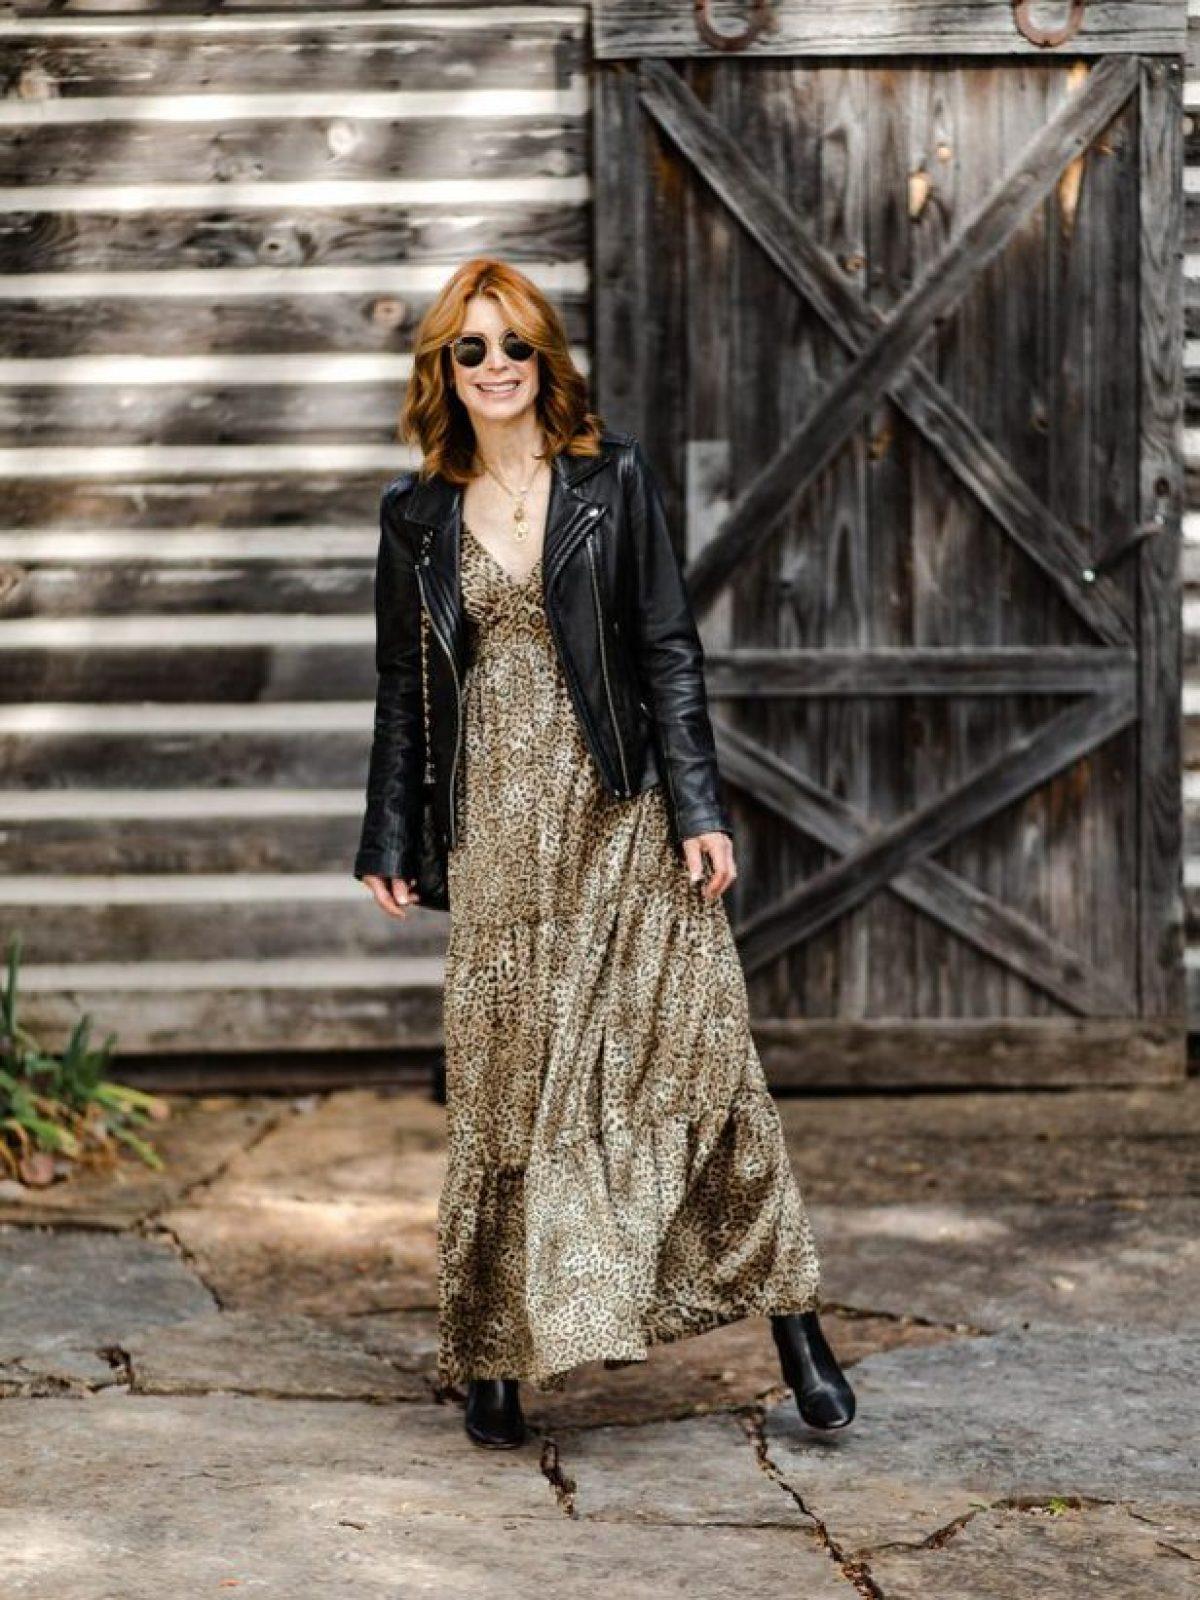 Gerard Darel Leopard Maxi Dress on Dallas Blogger